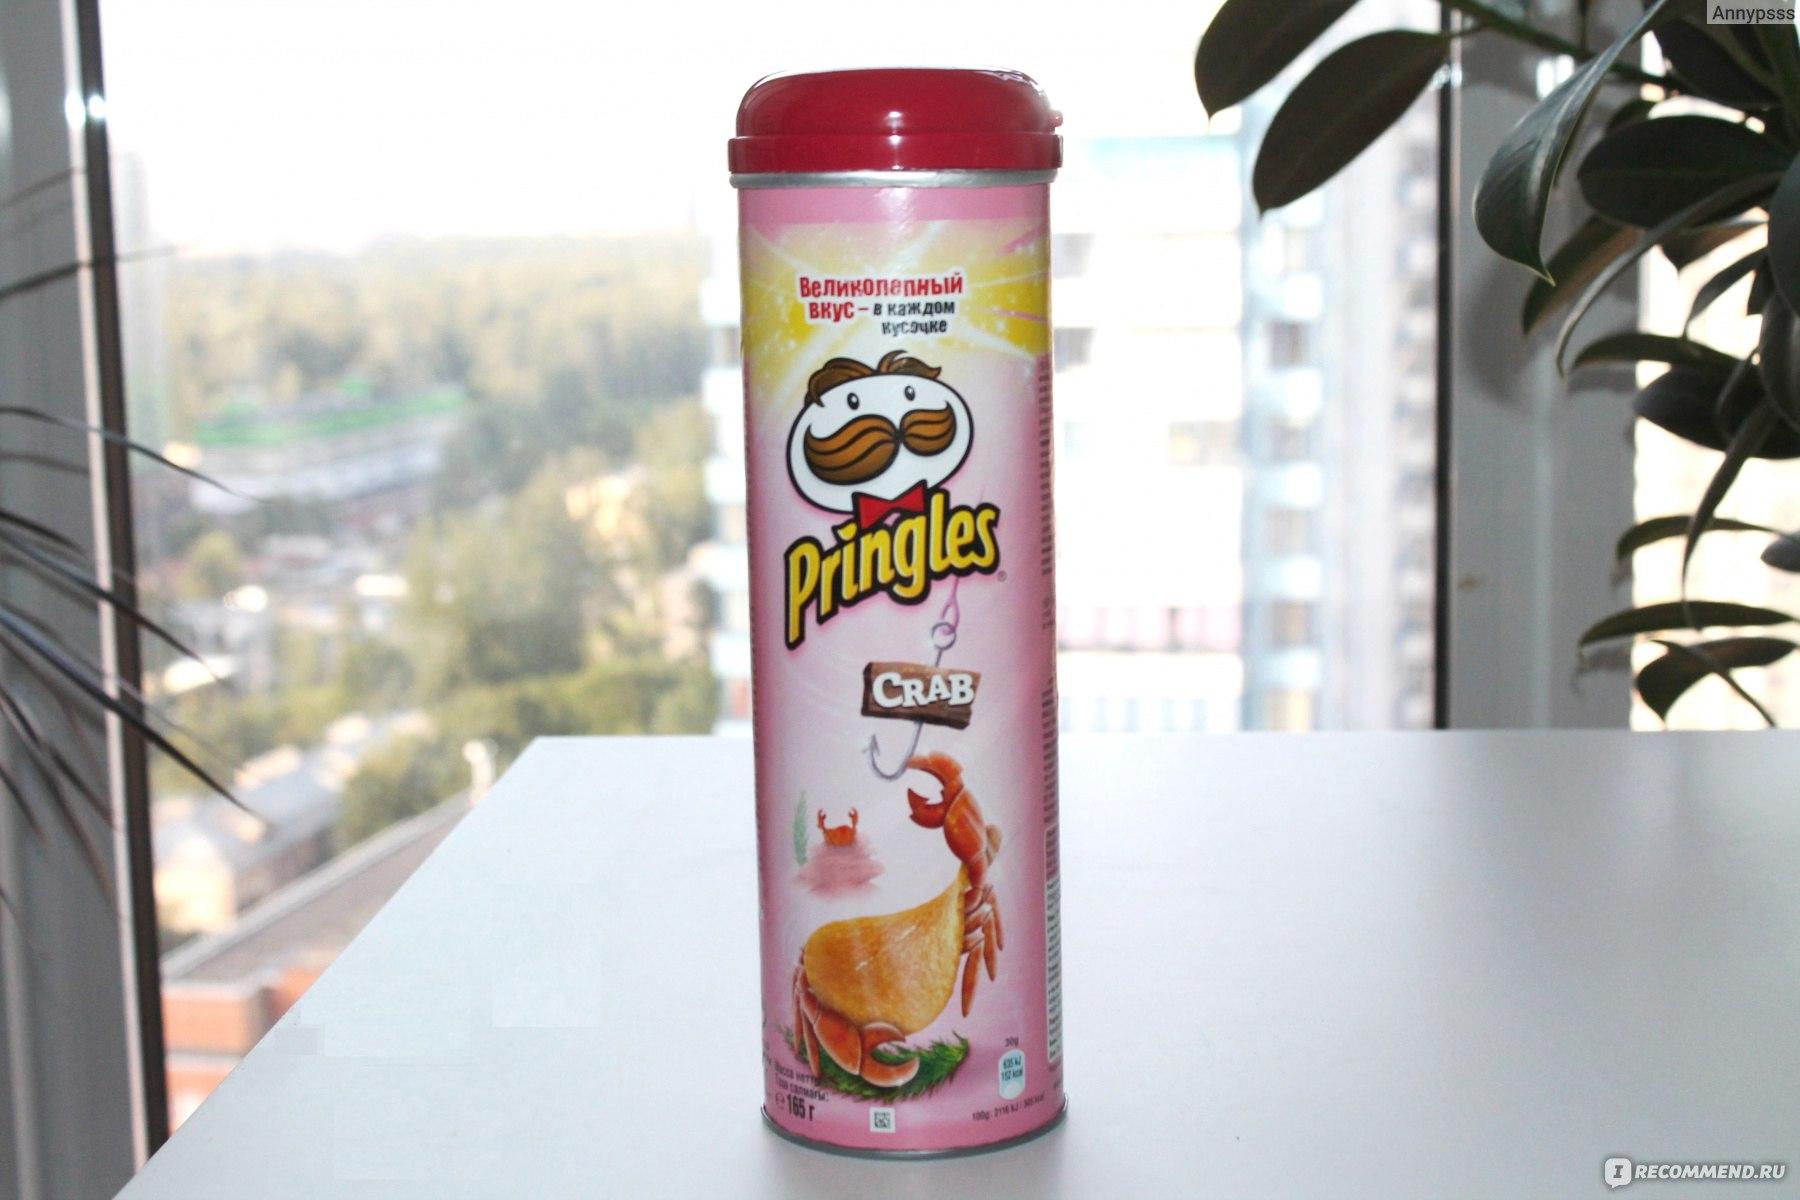 Беспроводной динамик от Pringles Отзывы покупателей 29